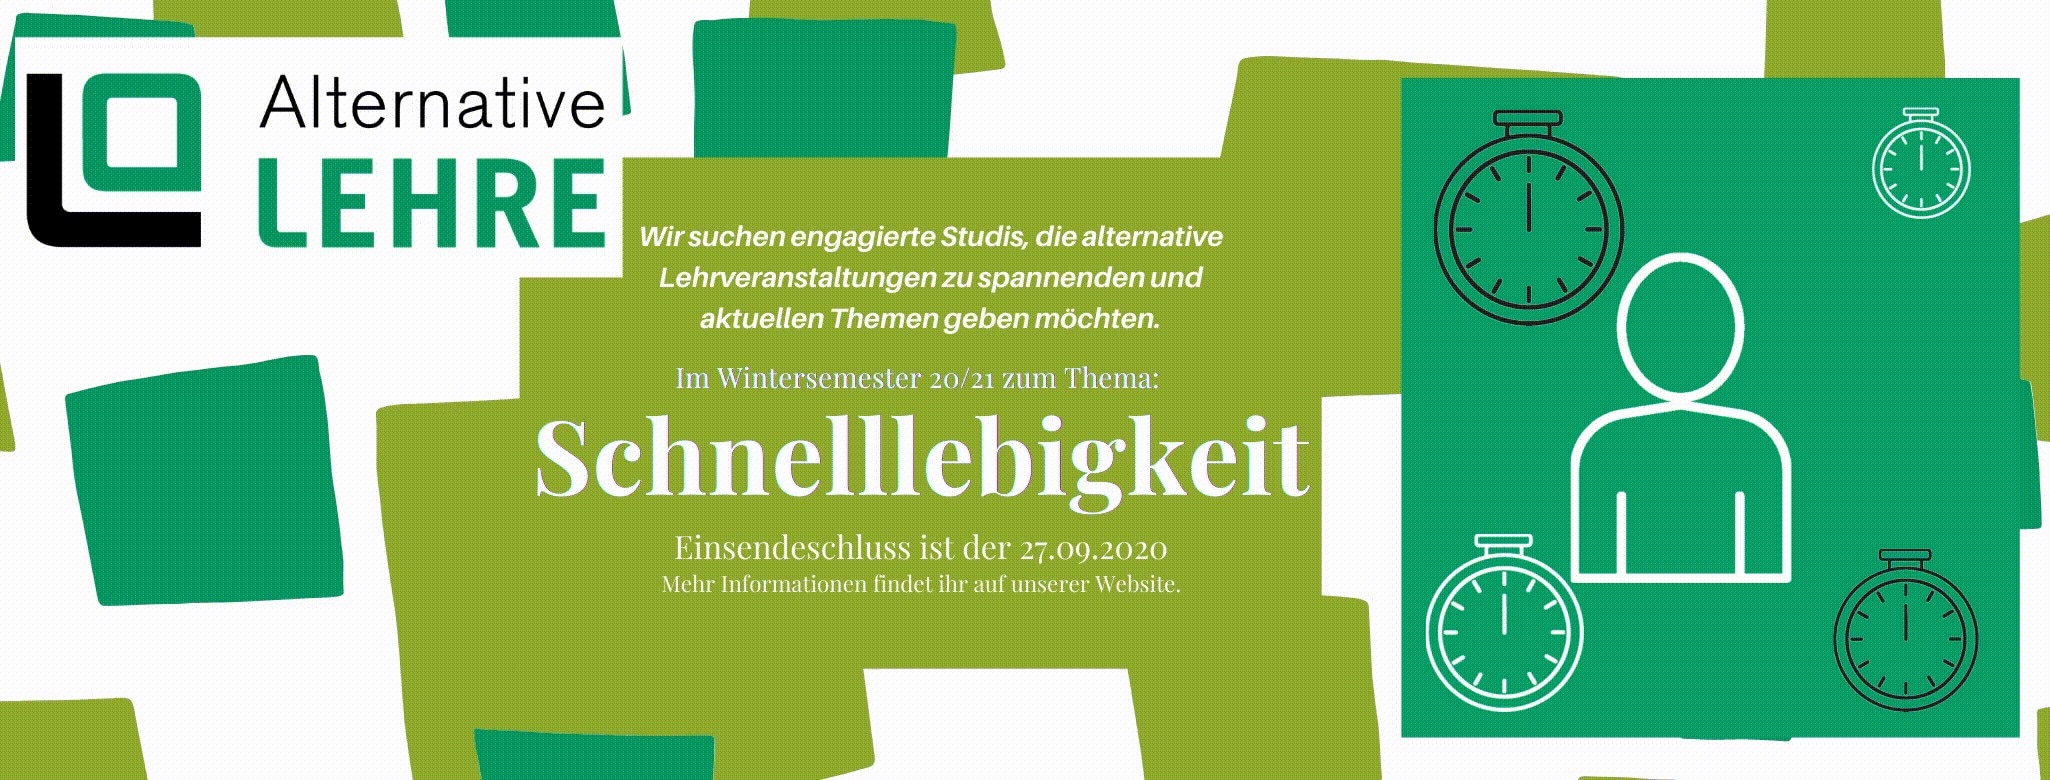 Alternative Lehre - Schnelllebigkeit - (c) AStA Uni Lüneburg